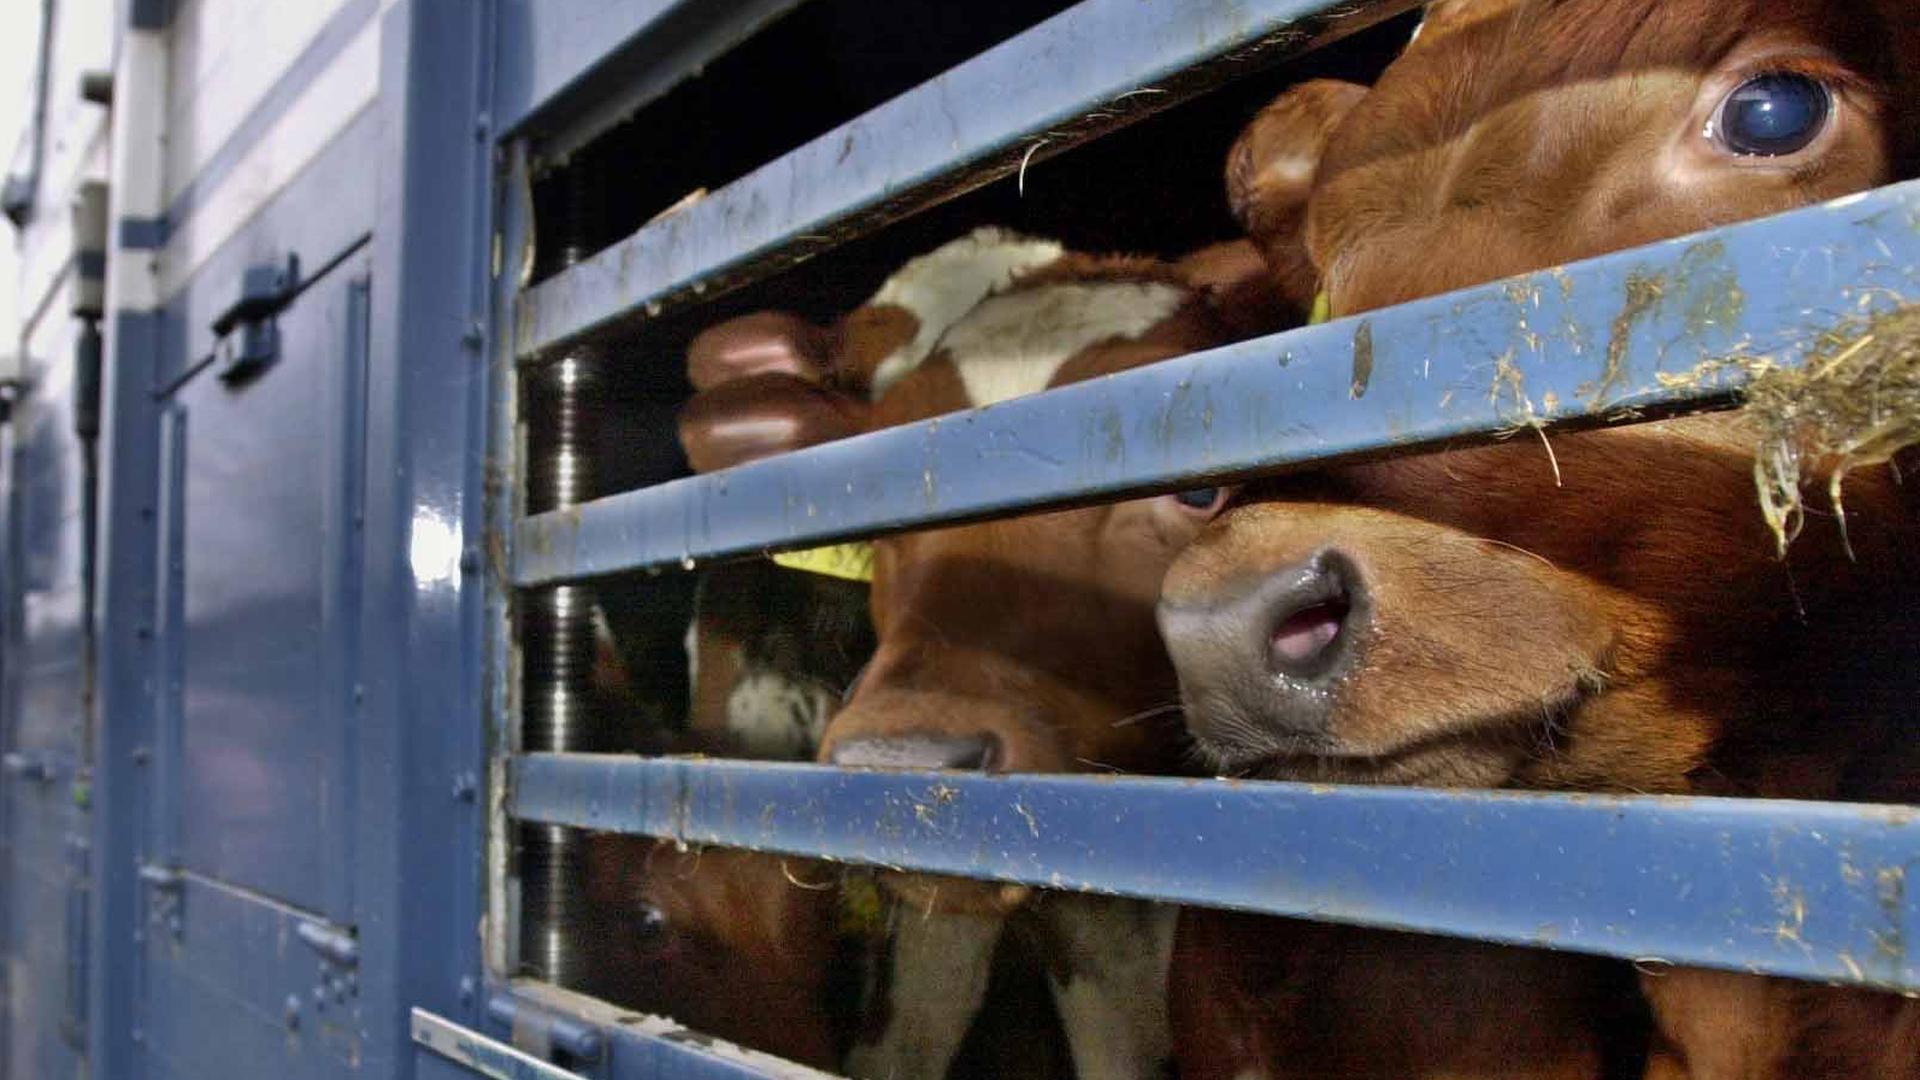 ARCHIV - 29.01.2001, Schleswig-Holstein, Nordhastedt: Kälber werden auf einem LKW transportiert. Das Begrenzen von Tiertransporten ist am Mittwoch Thema im niedersächsischen Landtag. Foto: Ulrich Perrey/dpa +++ dpa-Bildfunk +++